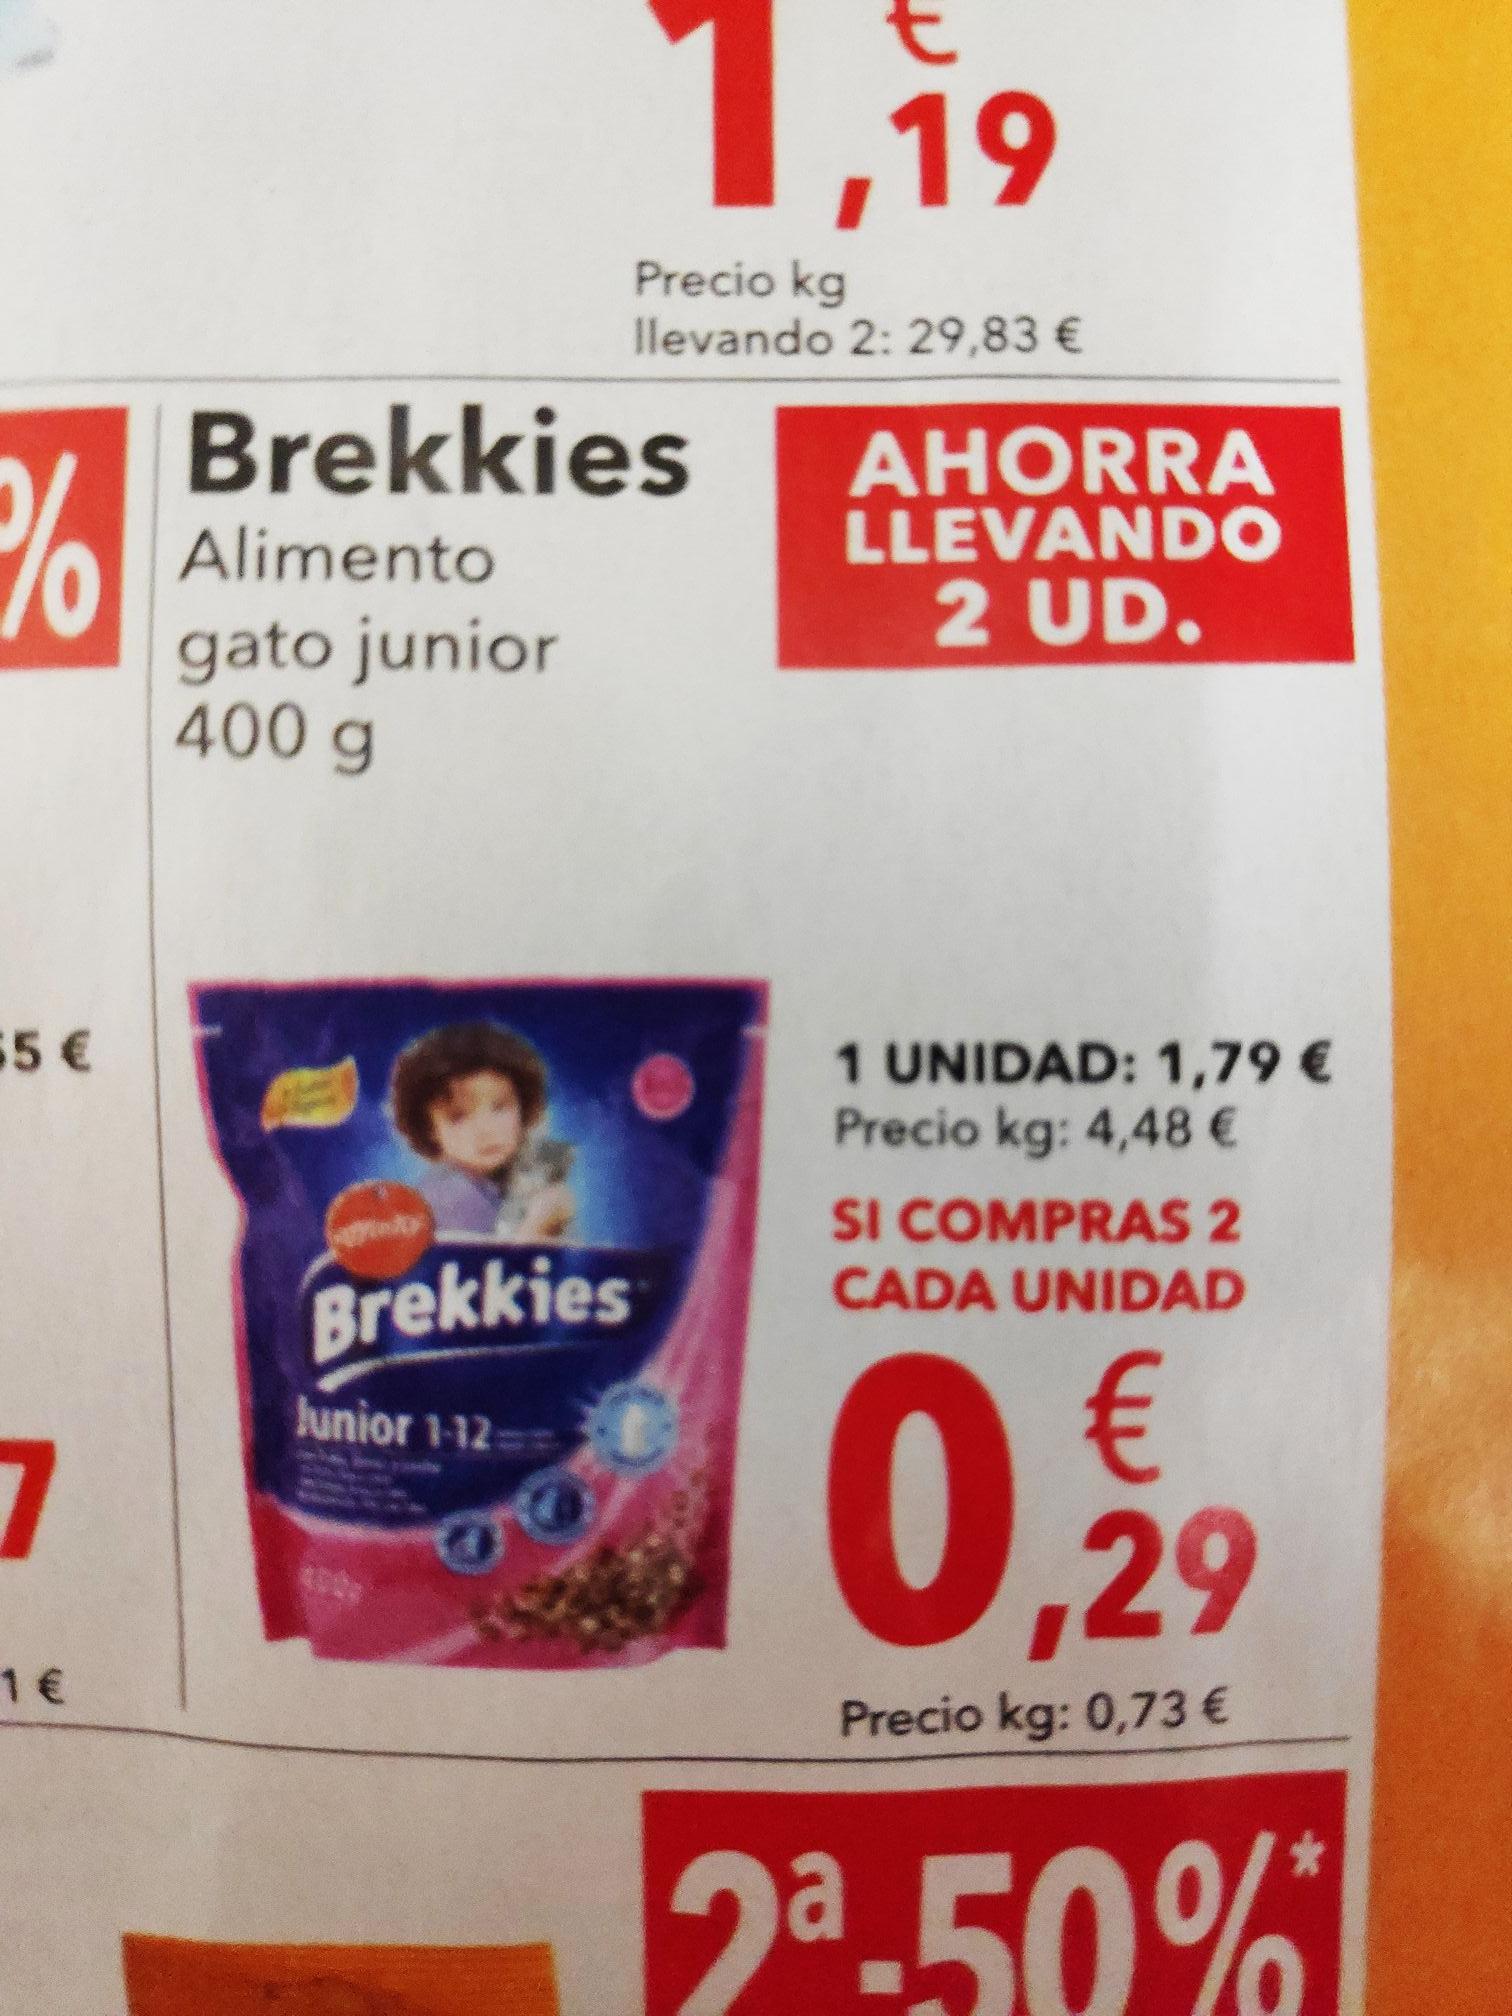 Alimento seco para gatos brekkies en Clarel